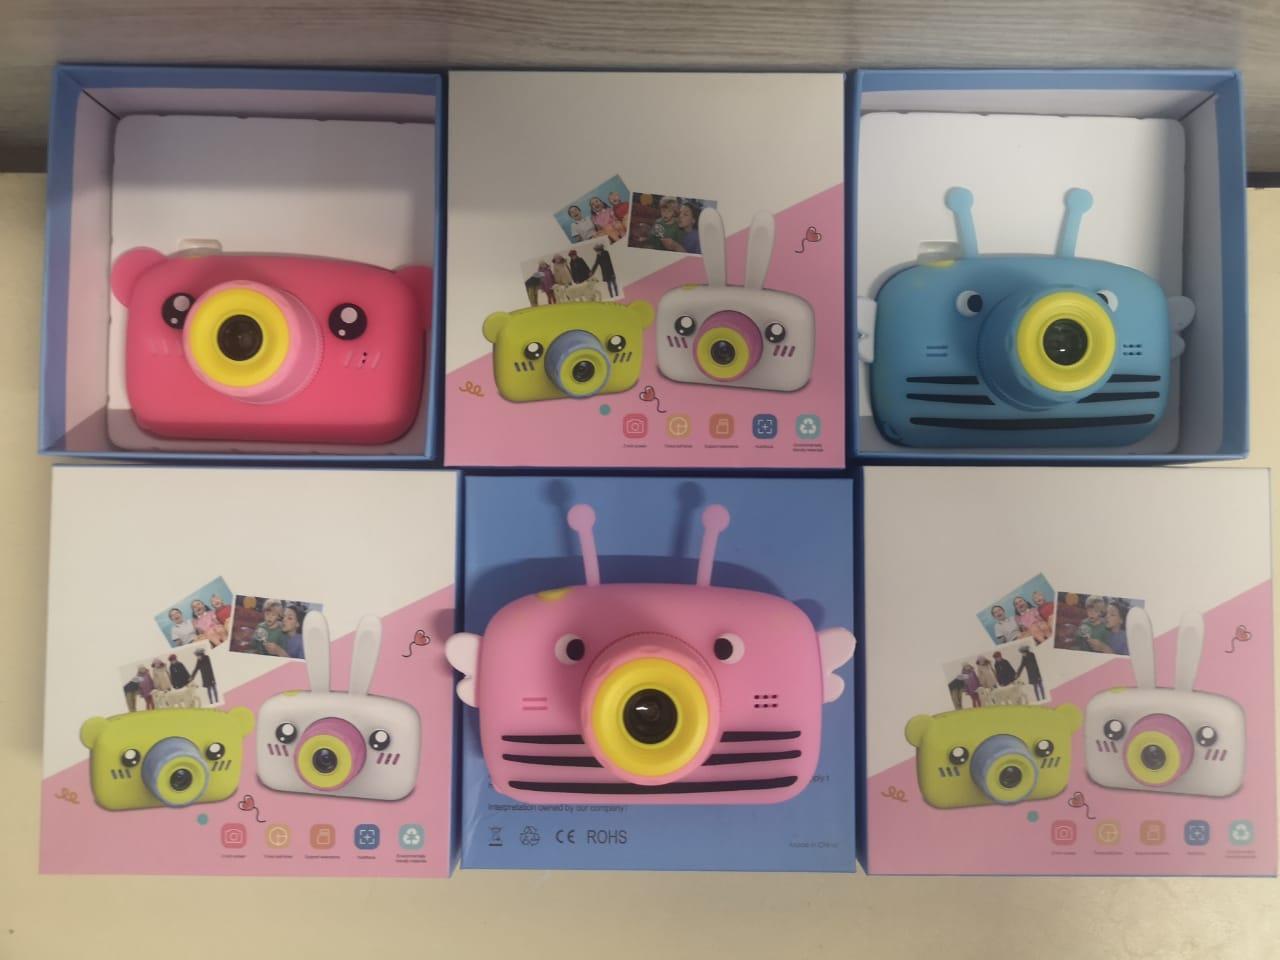 Детский фотоаппарат с памятью, мишка синий - фото 5